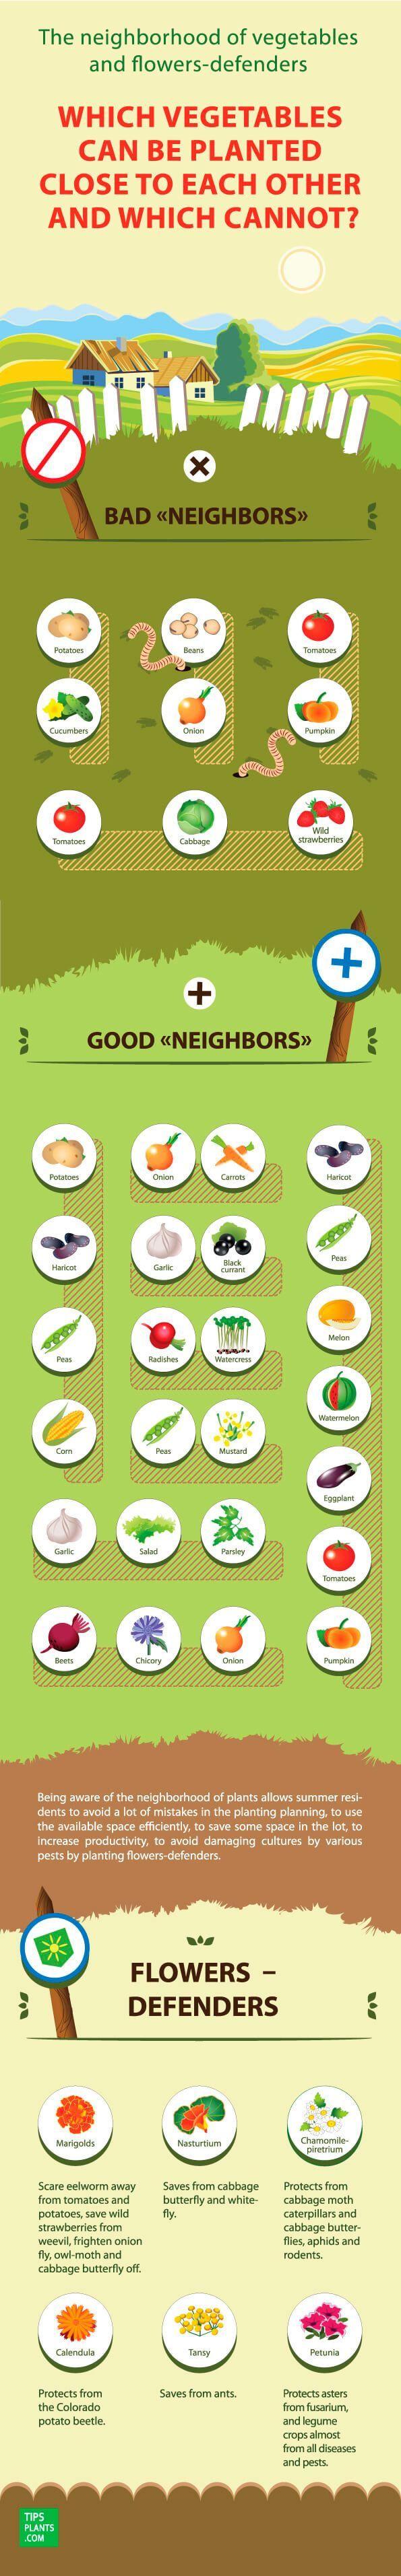 que os vegetais podem ser plantadas próximas umas das outras e quais não podem